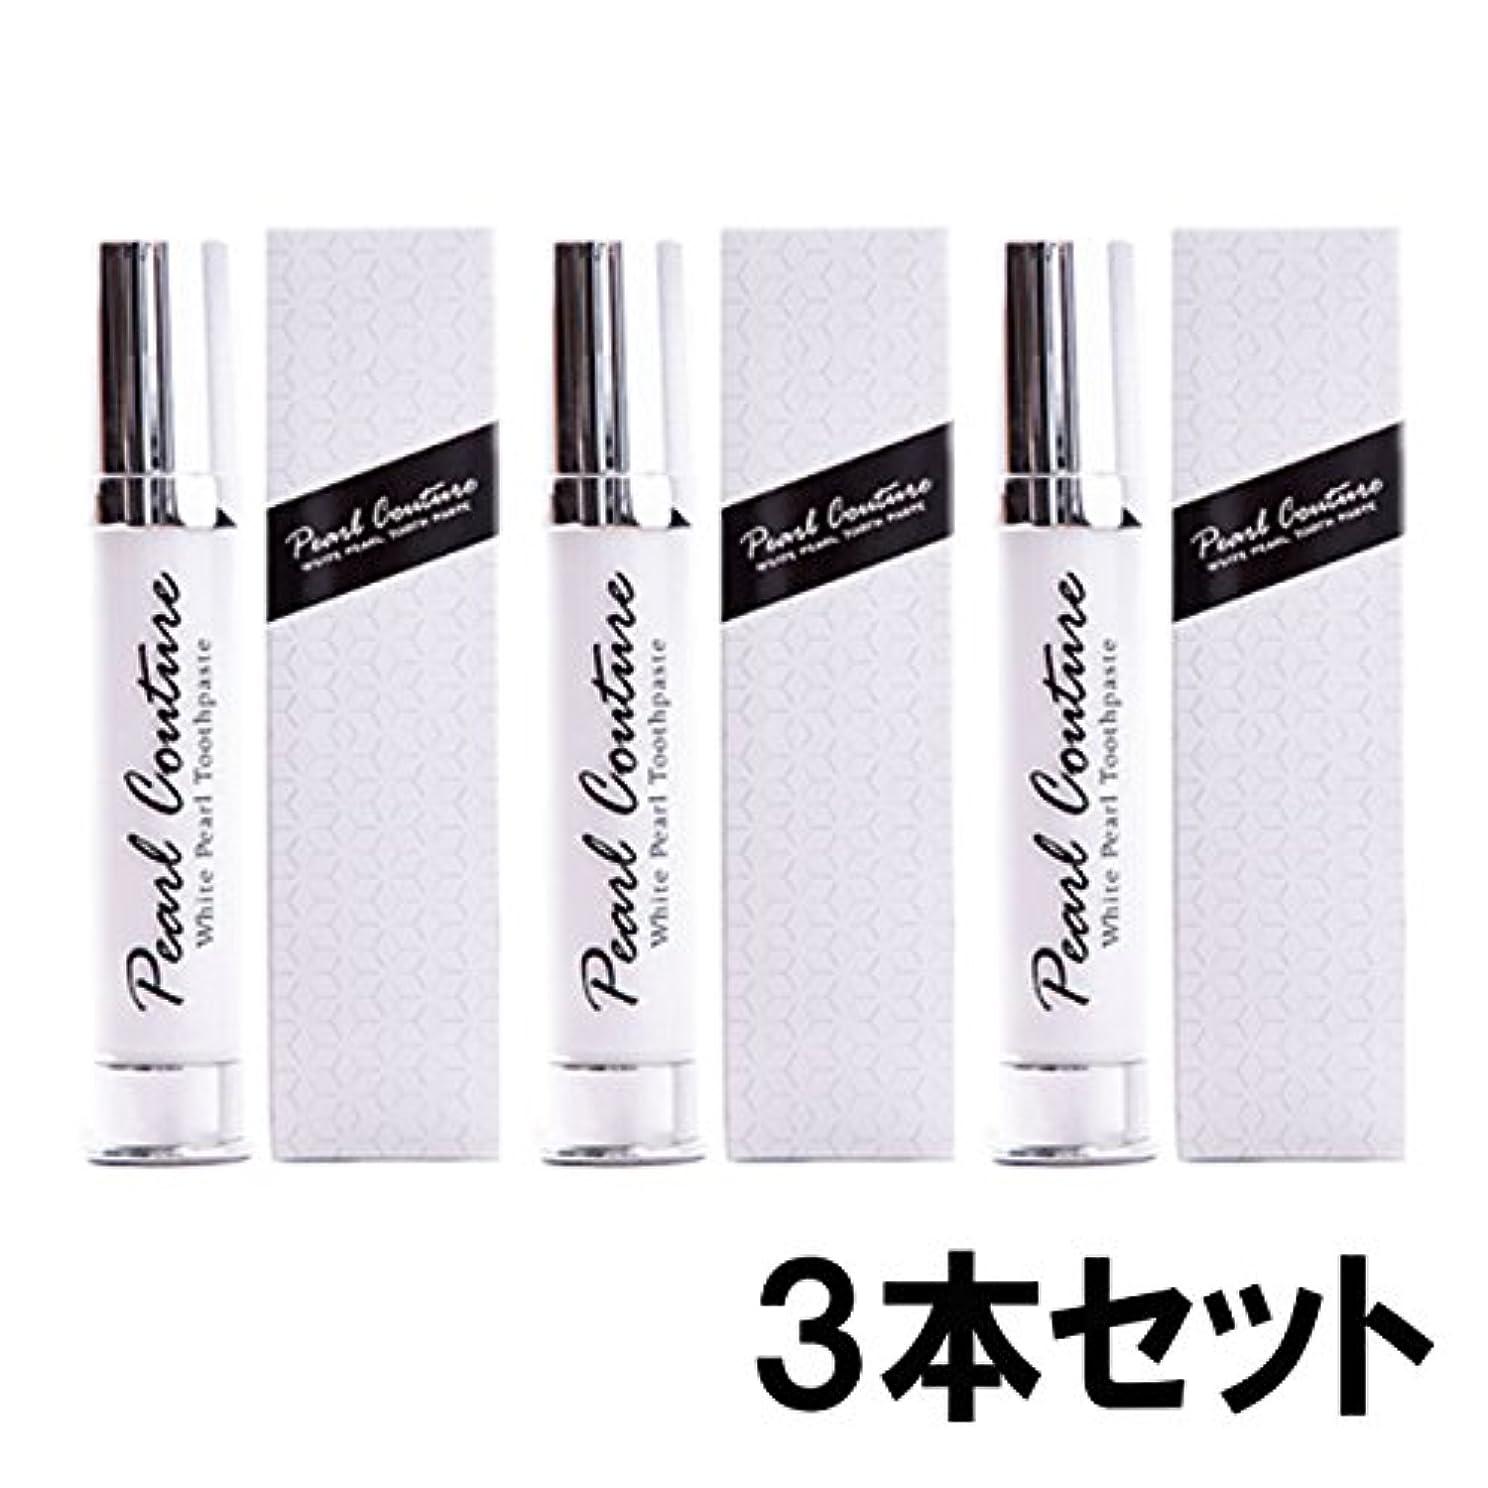 貫入不足インシュレータパールクチュール 30g×3箱セット 【お得】 ホワイトニング歯磨き 大人気 SNSで話題!!